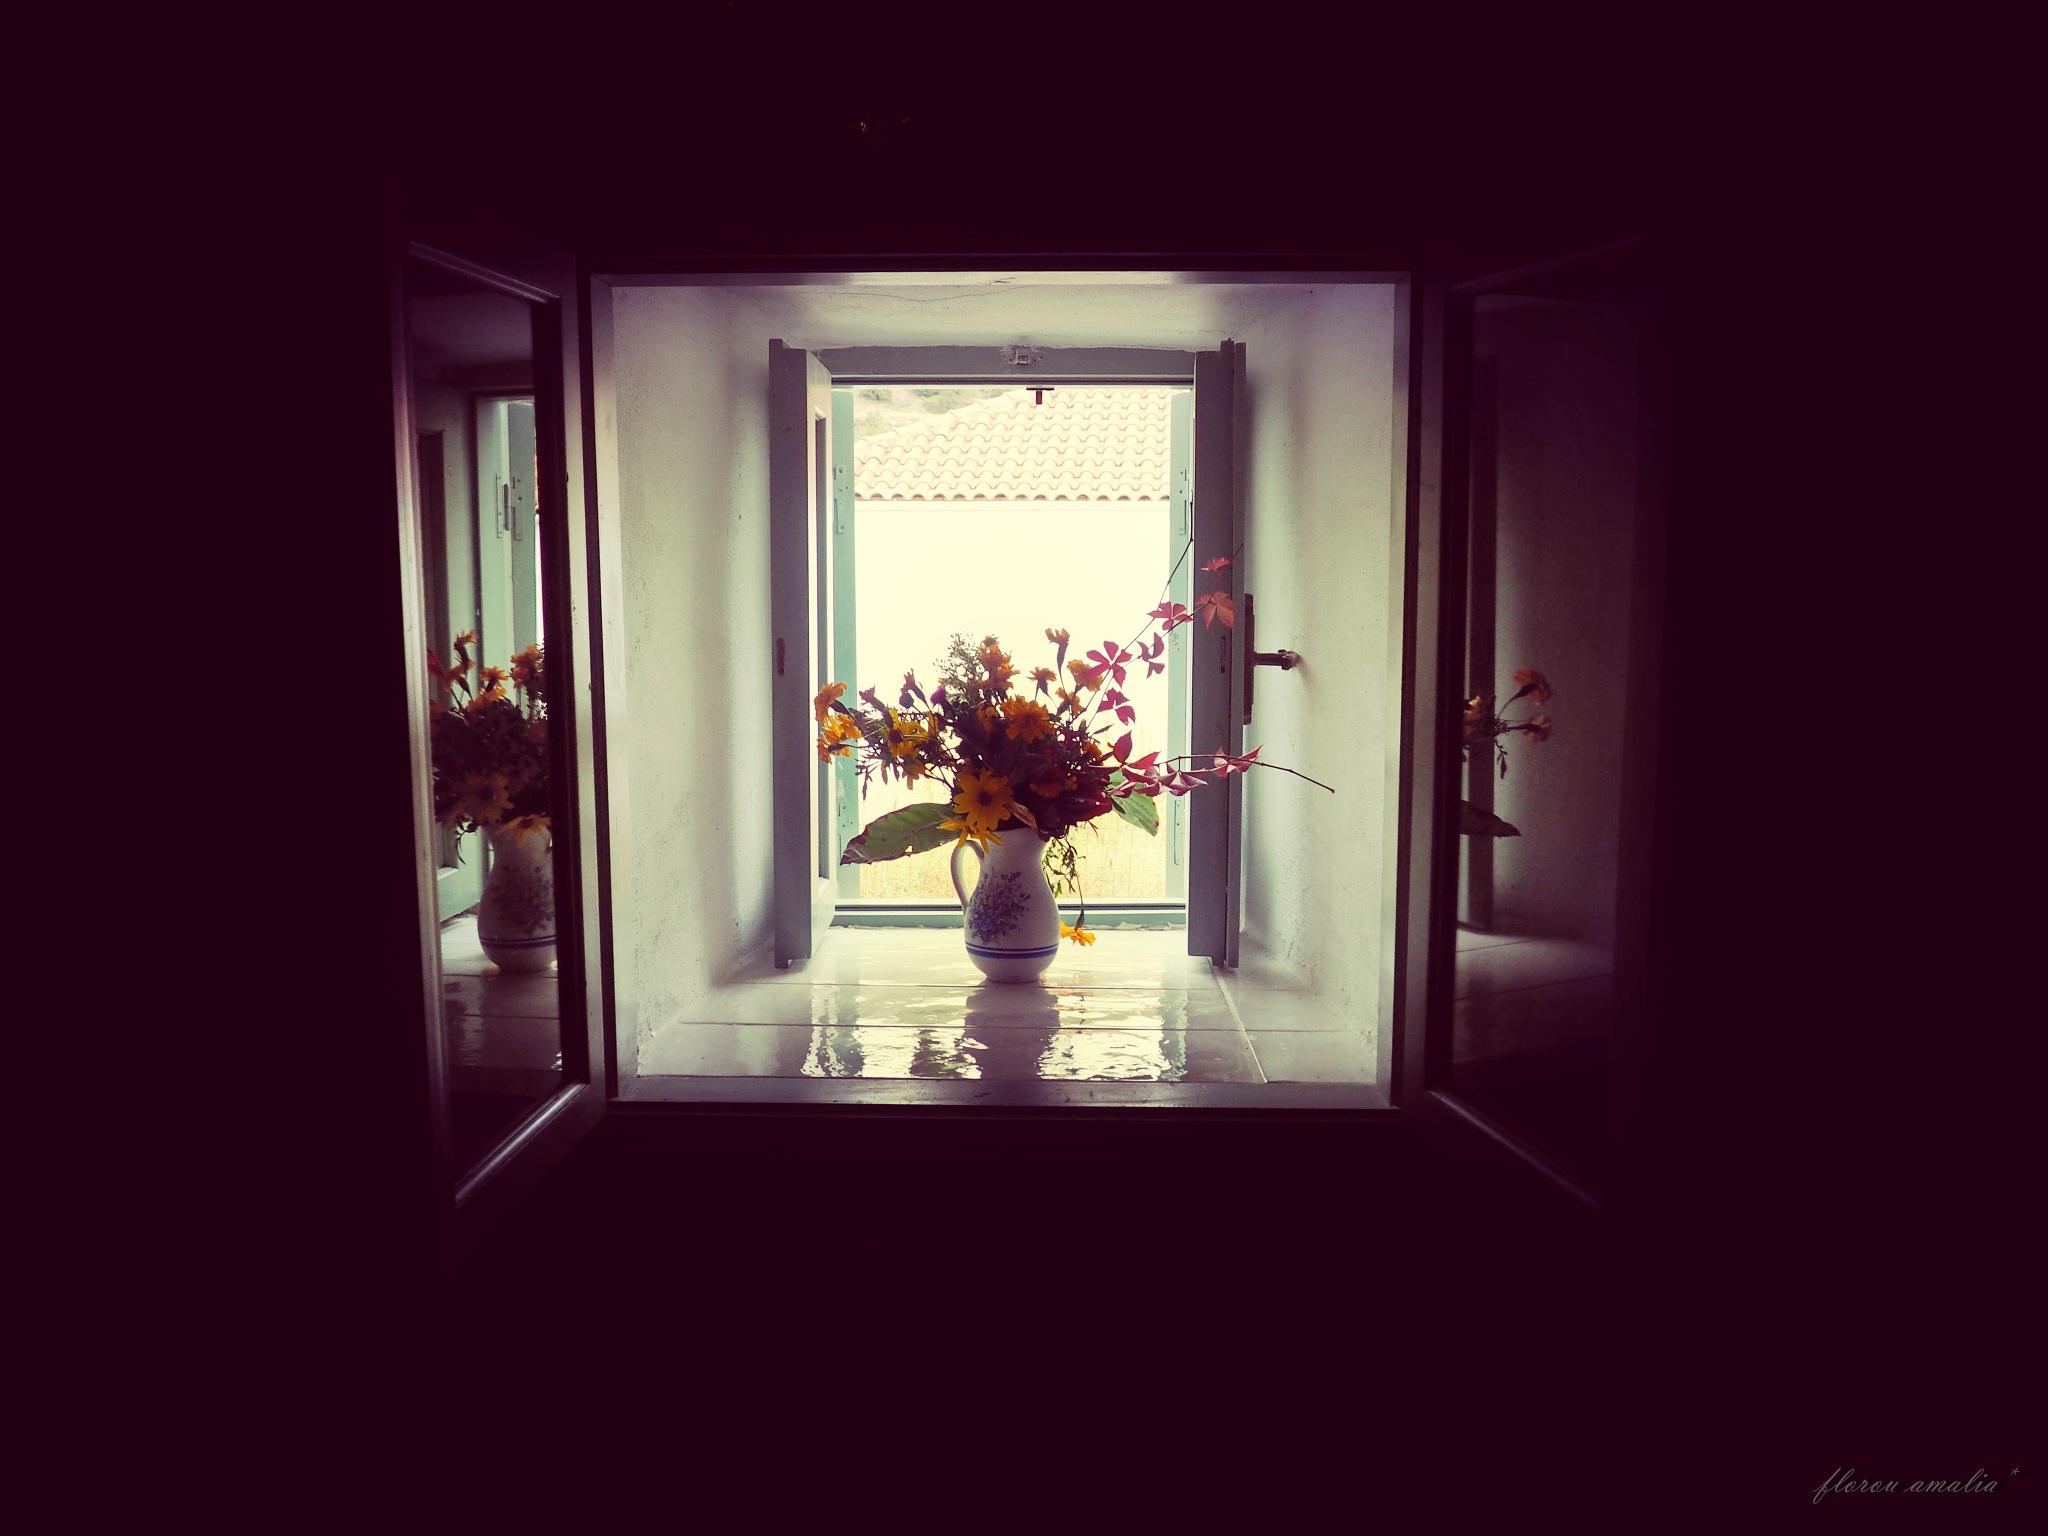 morning glory by Florou Amalia